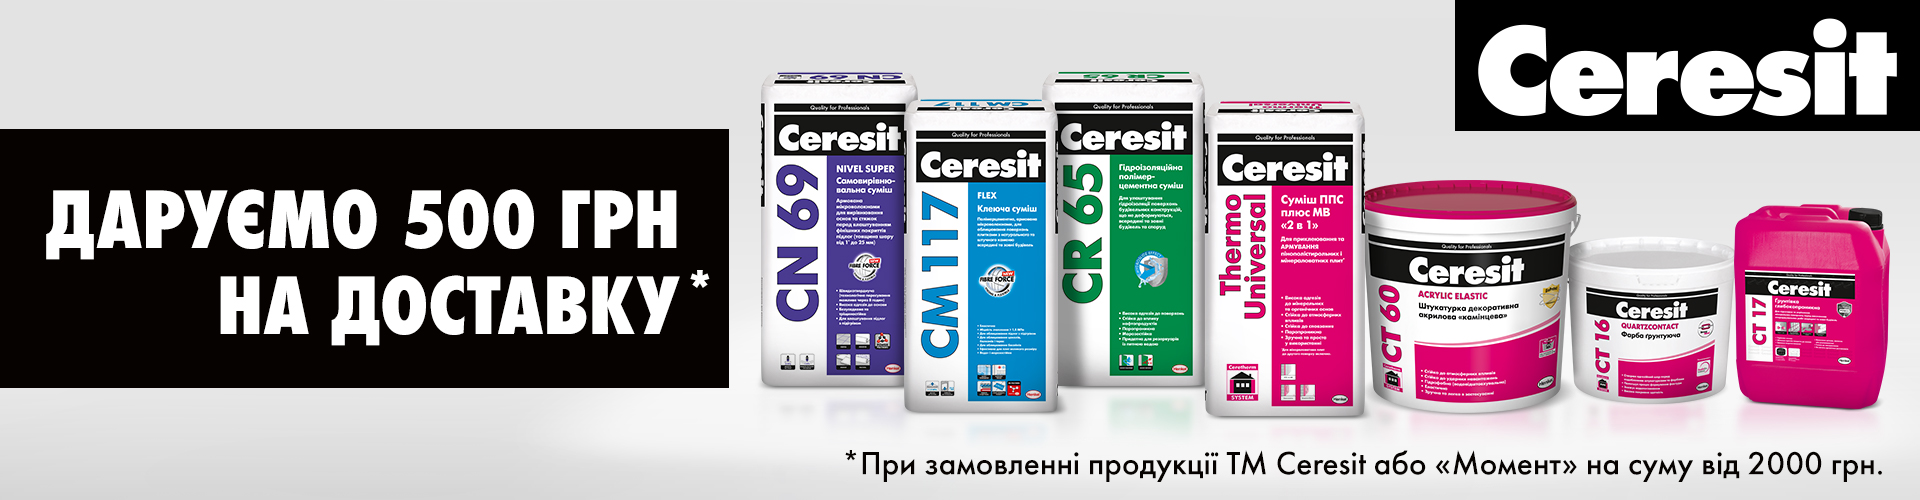 ceresit_1920x500px_banner